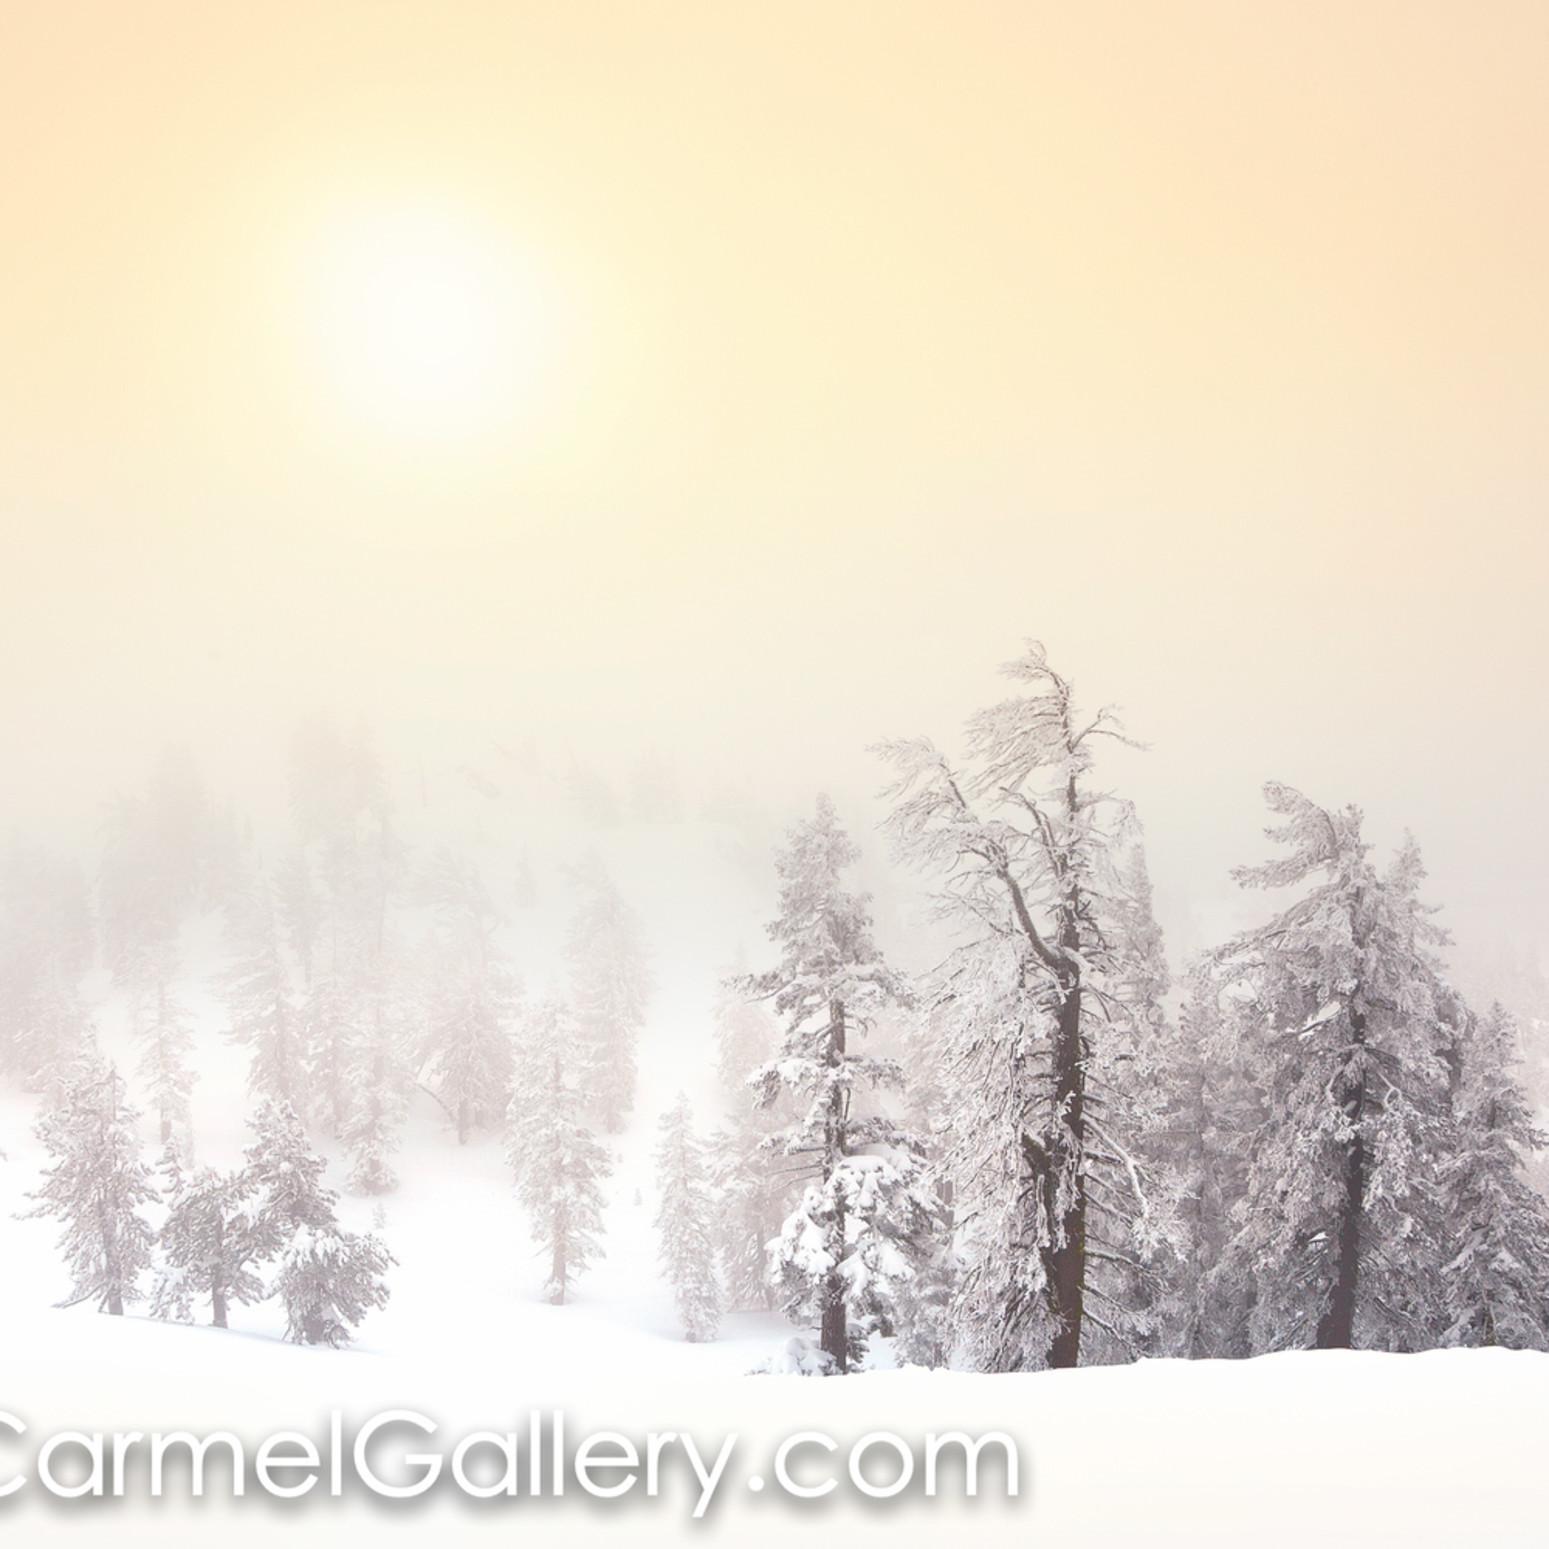 Winter sun vhdca4